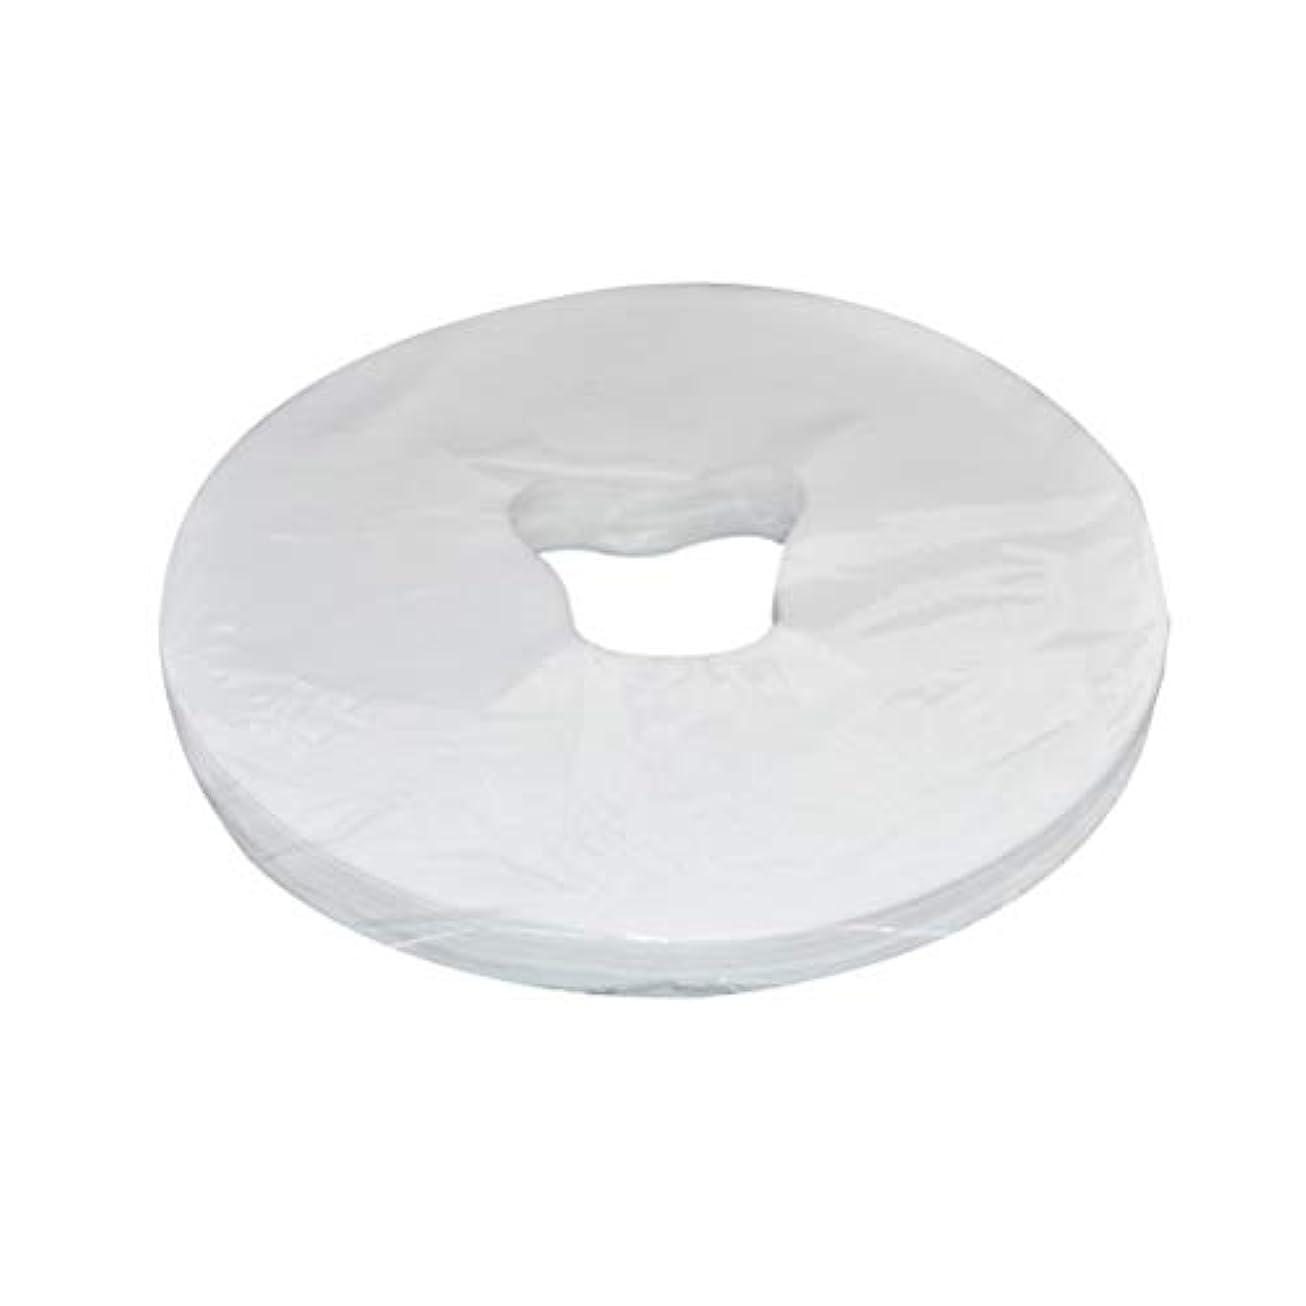 腸カレンダー服Healifty 29x28cm使い捨てフェイスマッサージカバーフェイスホールピローパッド100枚(ホワイト)